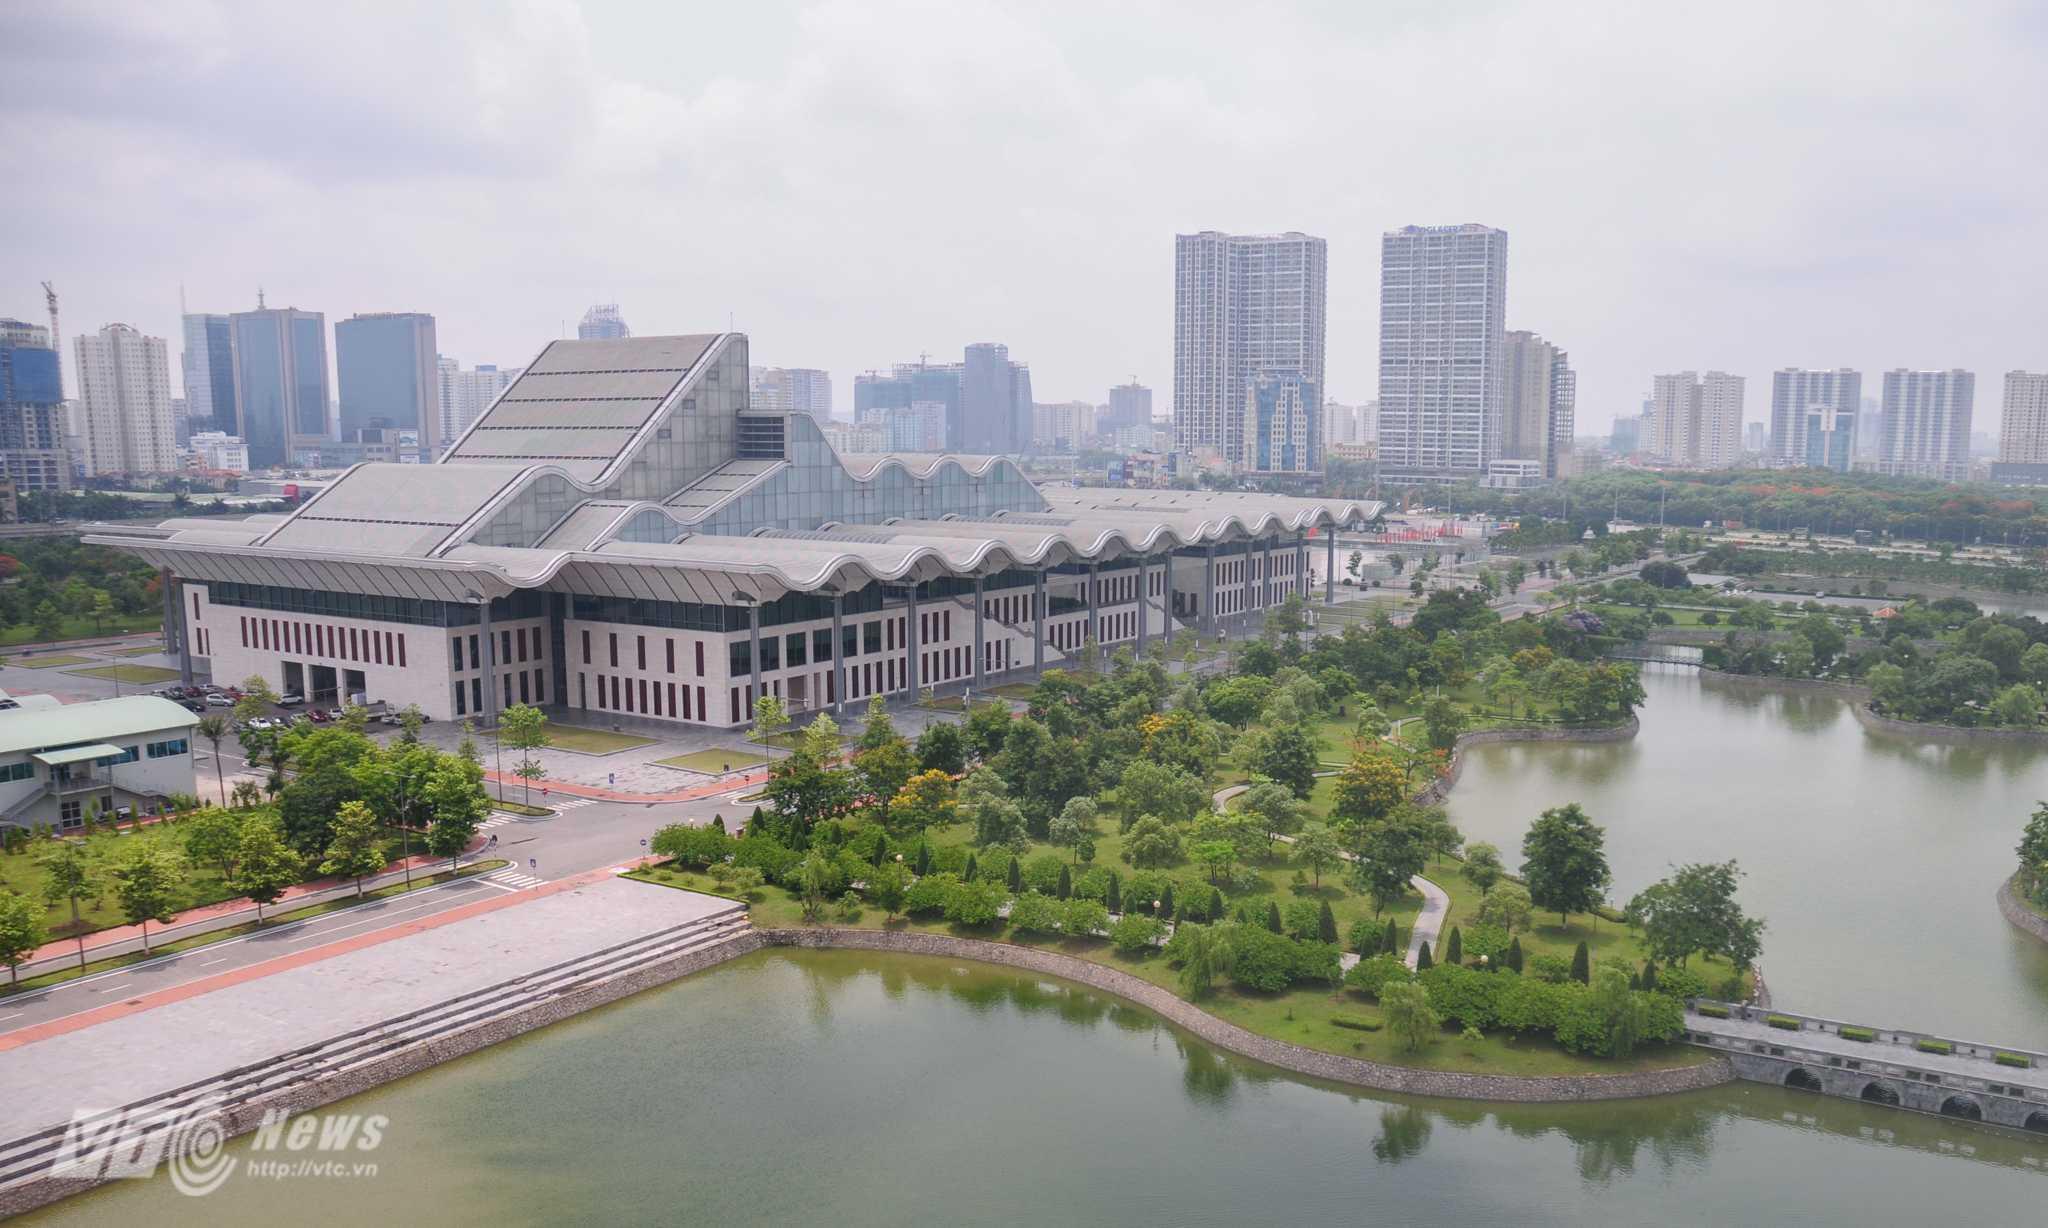 Phòng Tổng thống của khách sạn JW Marriott Hà Nội có diện tích 320m2, được thuê với giá 7.000 USD/đêm có tầm nhìn đẹp - Ảnh: Tùng Đinh